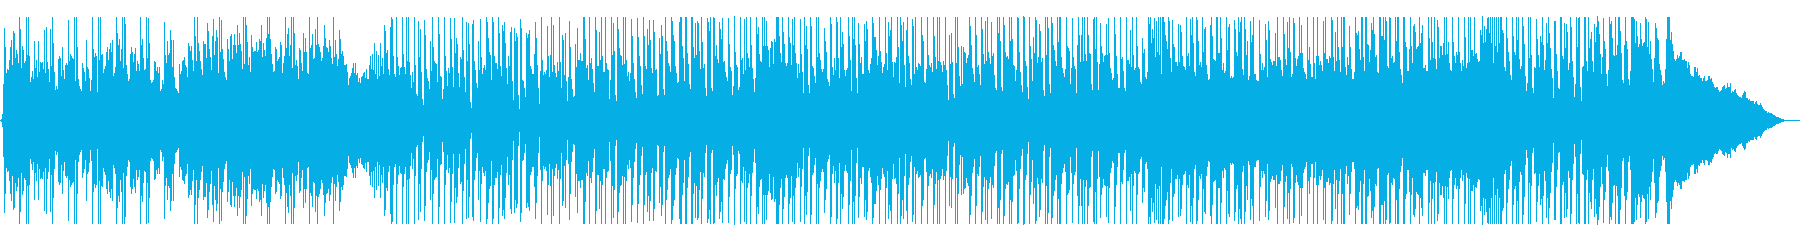 軽快に弾む楽しげなポップサウンドの再生済みの波形